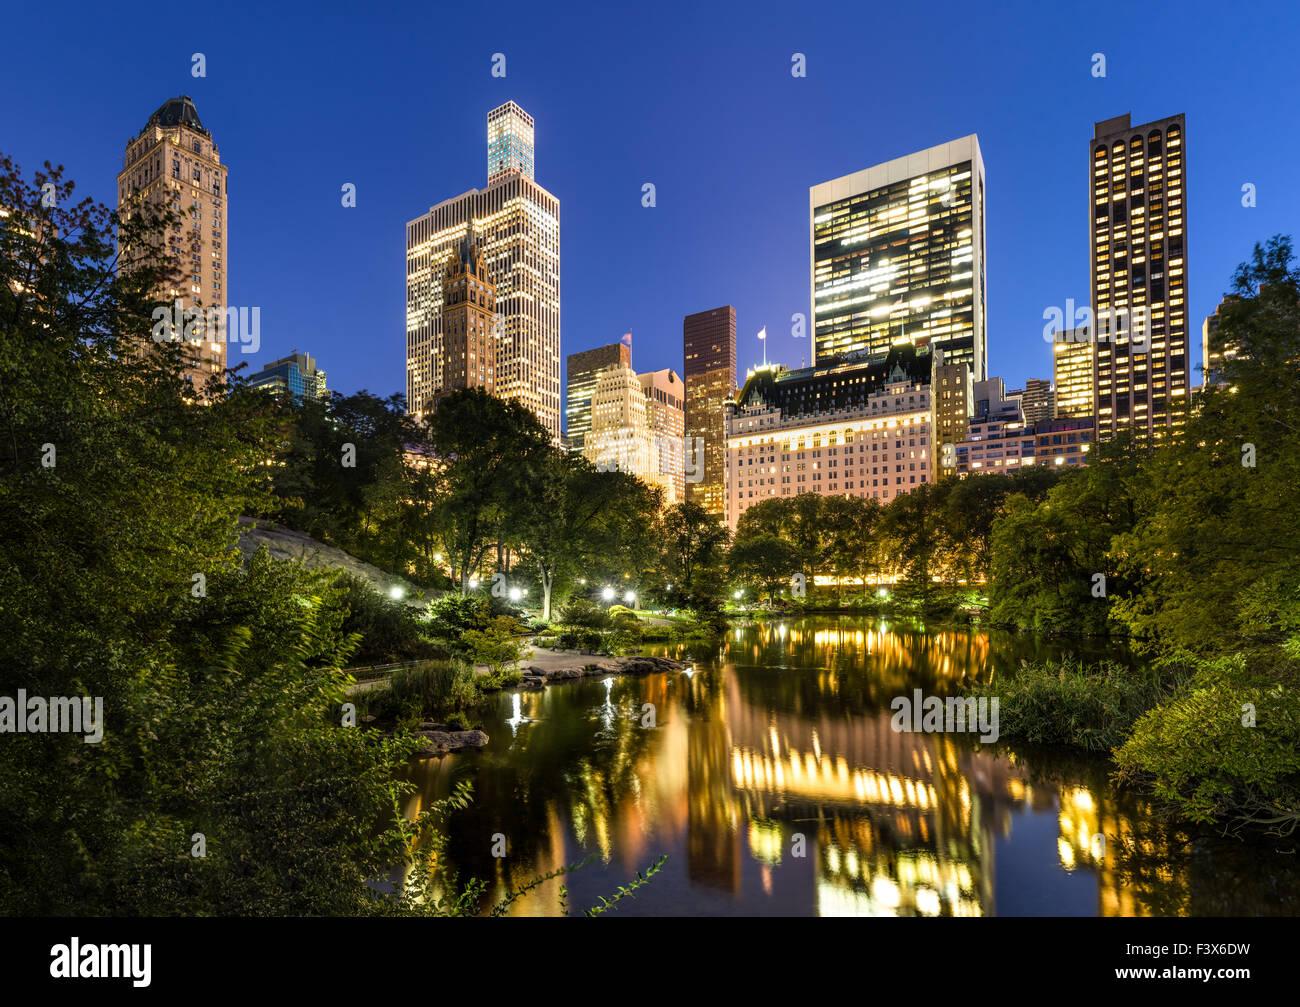 Manhattan Wolkenkratzer im frühen Abendlicht beleuchtet. Die Gebäude reflektieren im Stadtpark-Teich. Stockbild